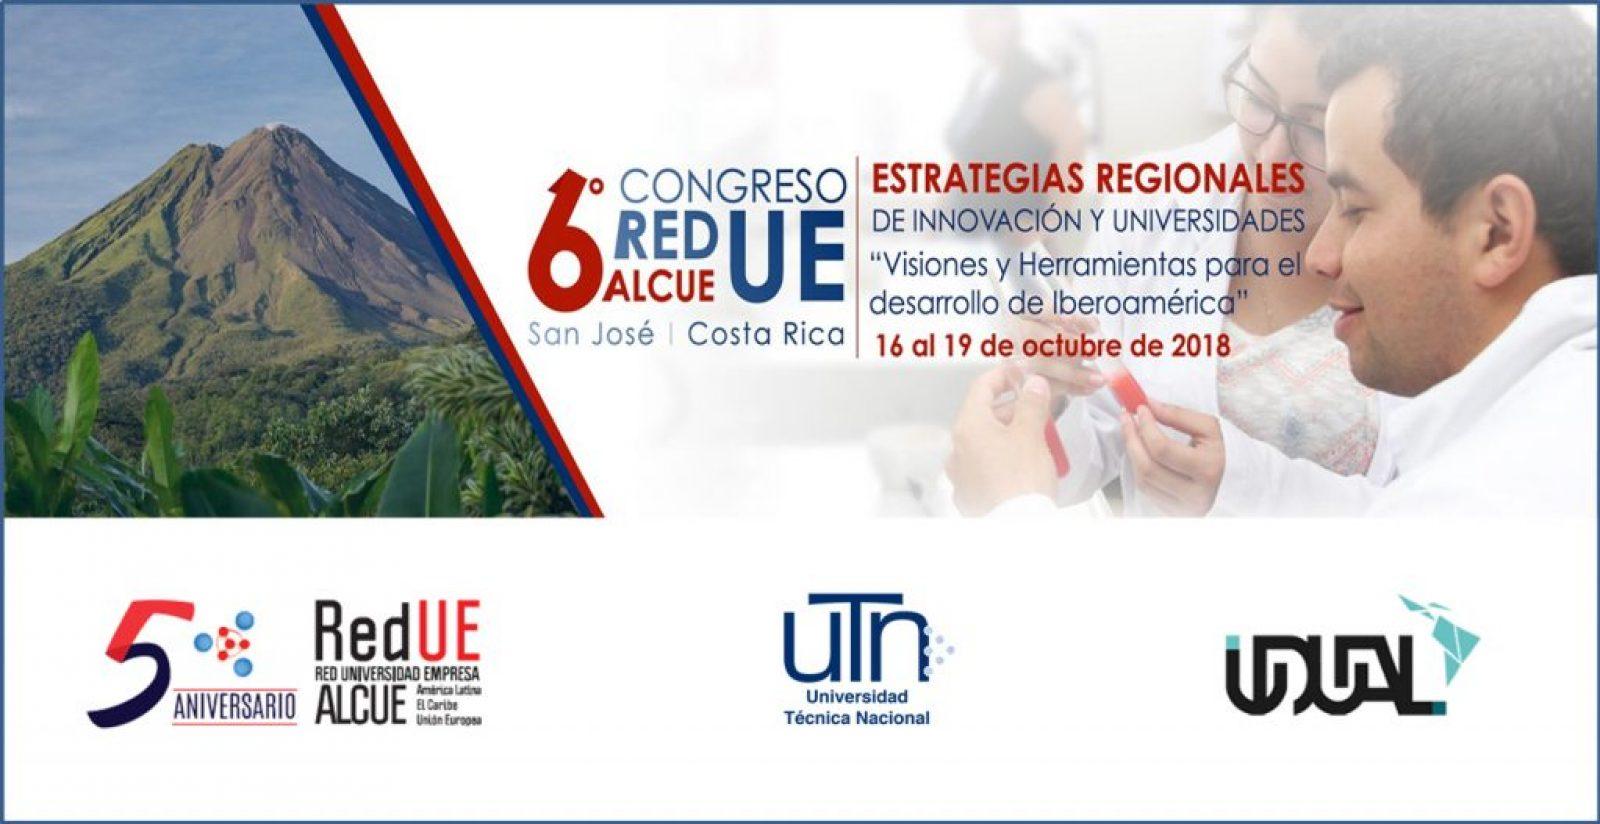 34-6o CongresoRedALCUE